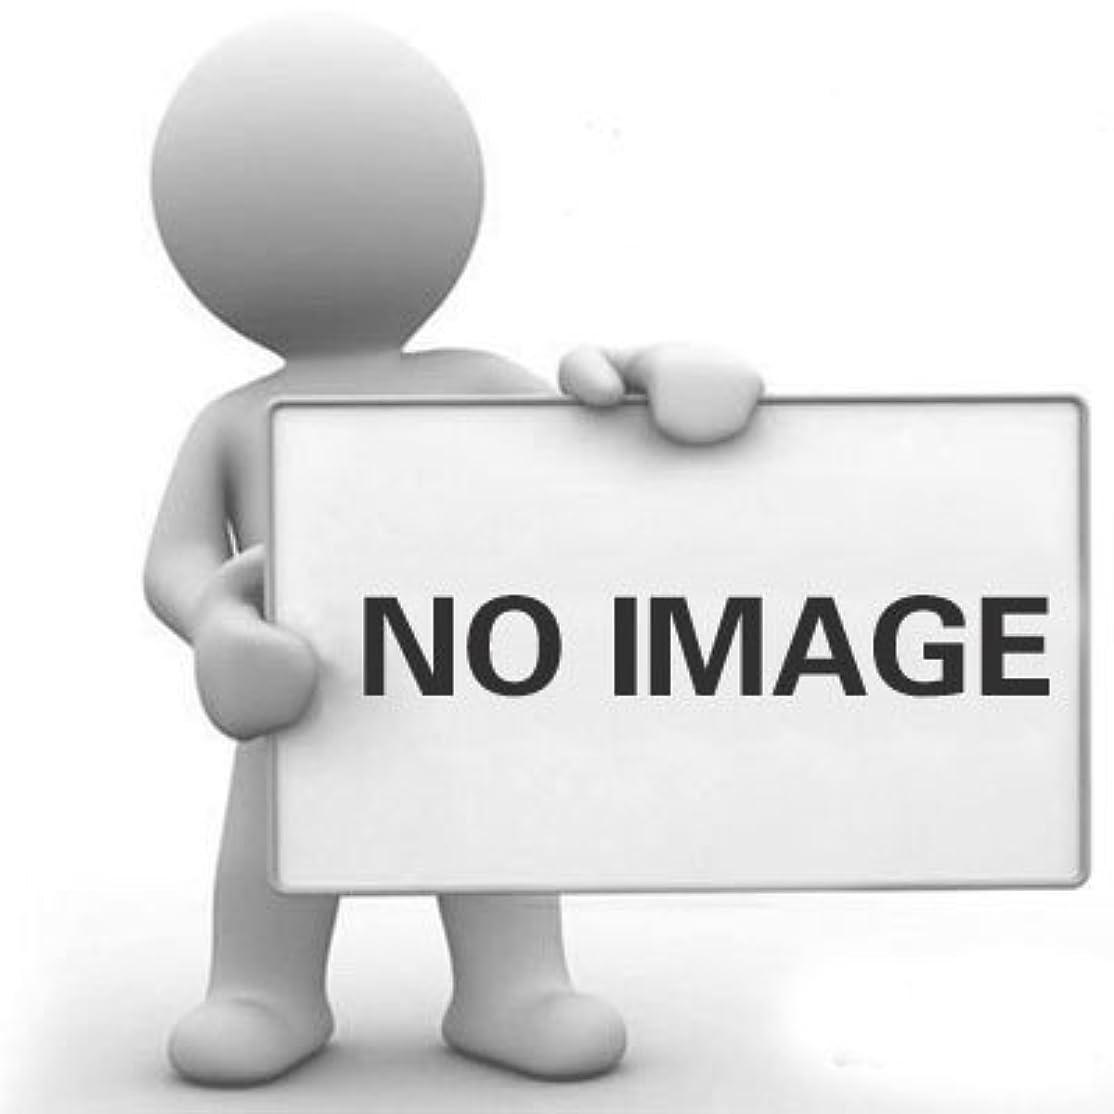 崇拝します施し固執SM SunniMix ヘアブラシ ヘアコーム 静電気防止櫛 広い歯コーム マッサージ サロン 理髪店 ツール 2個セット